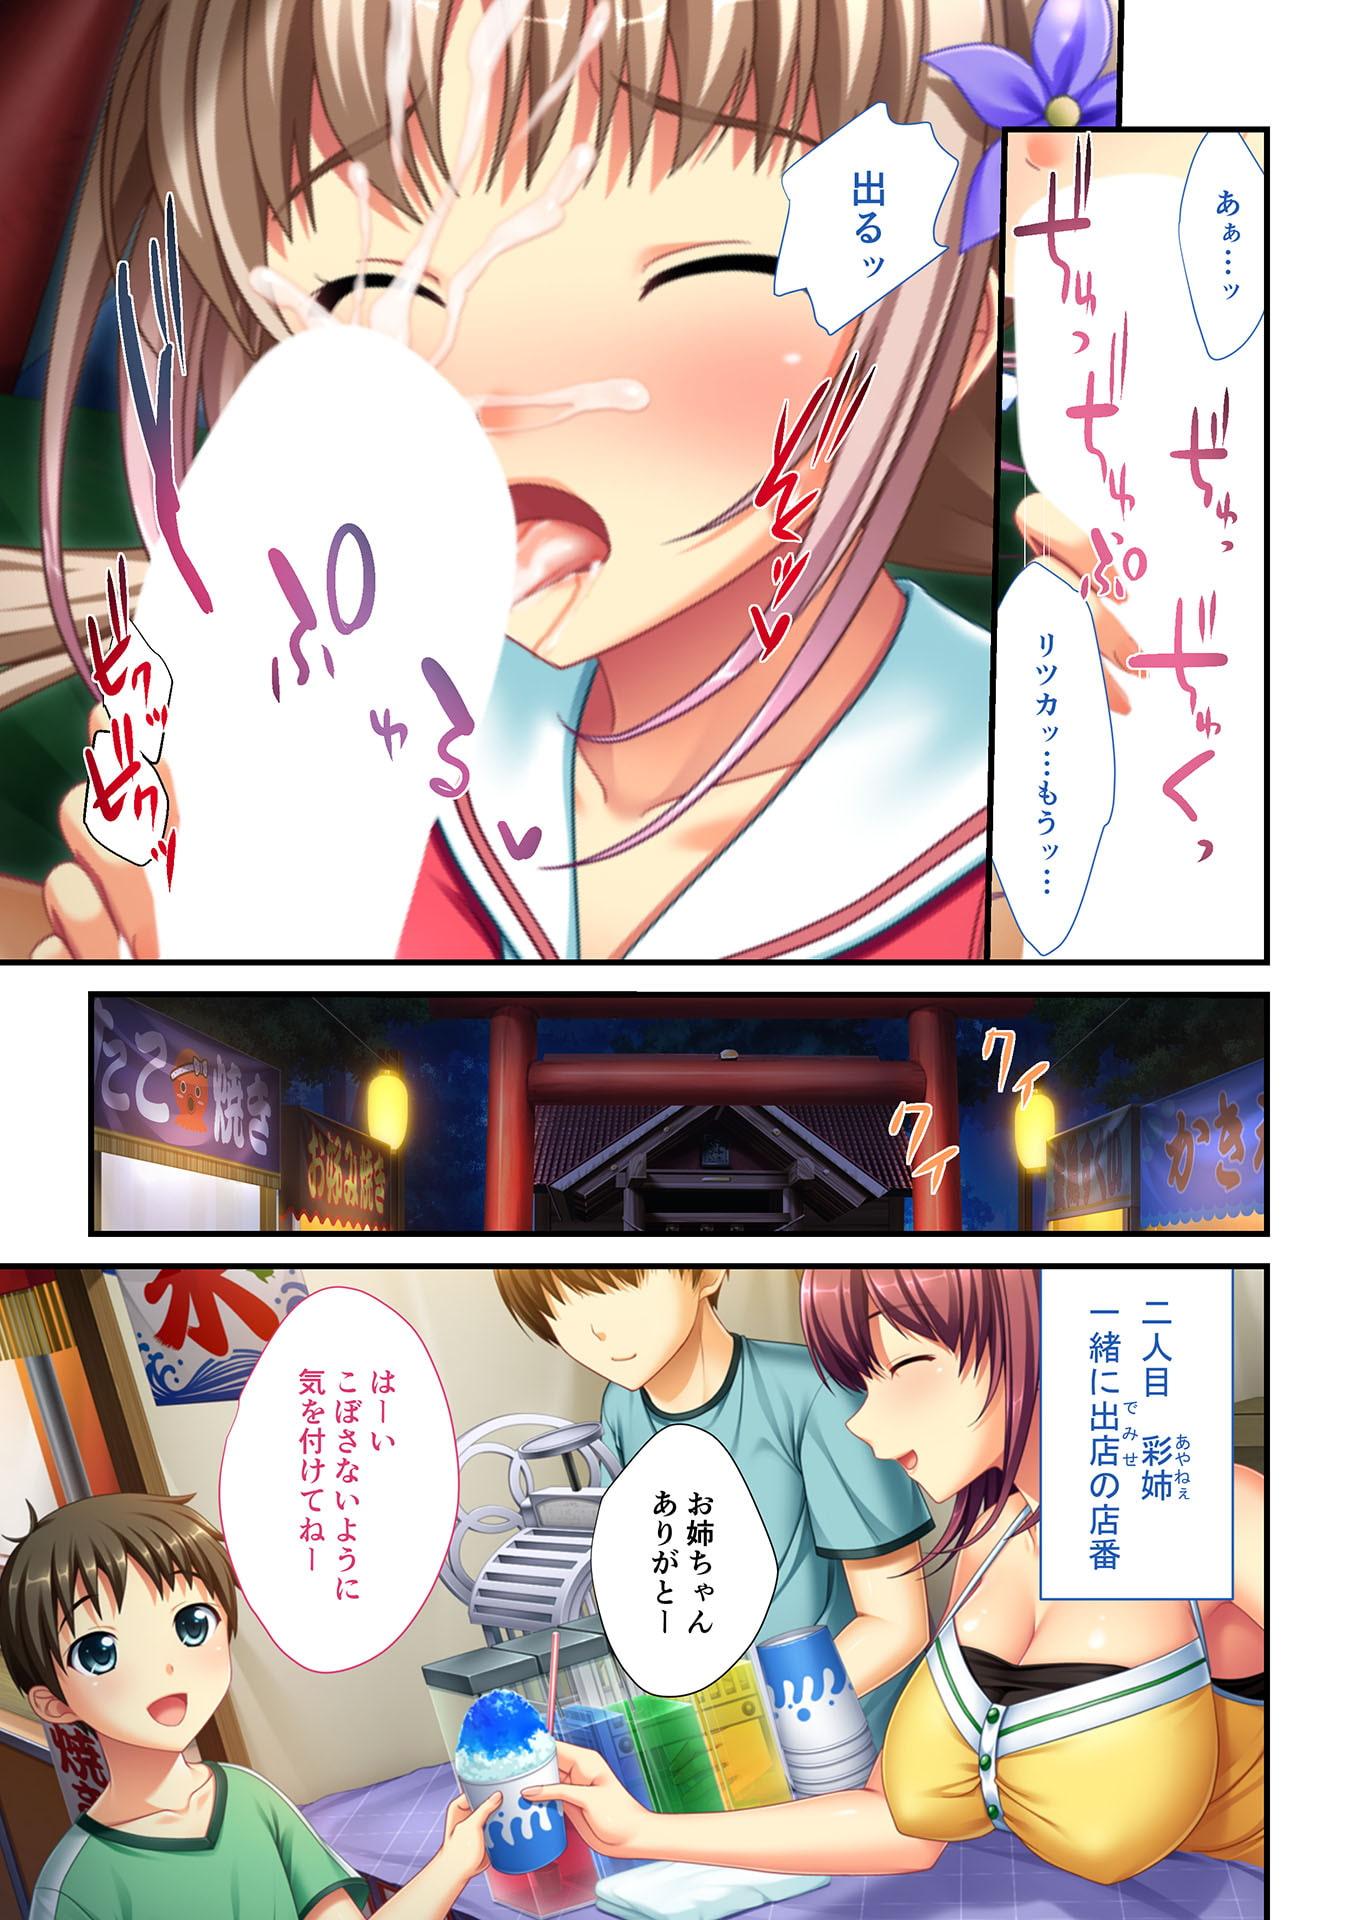 里帰りでハーレムH 田舎で処女幼なじみ性開発!!(4) フルカラーコミック版